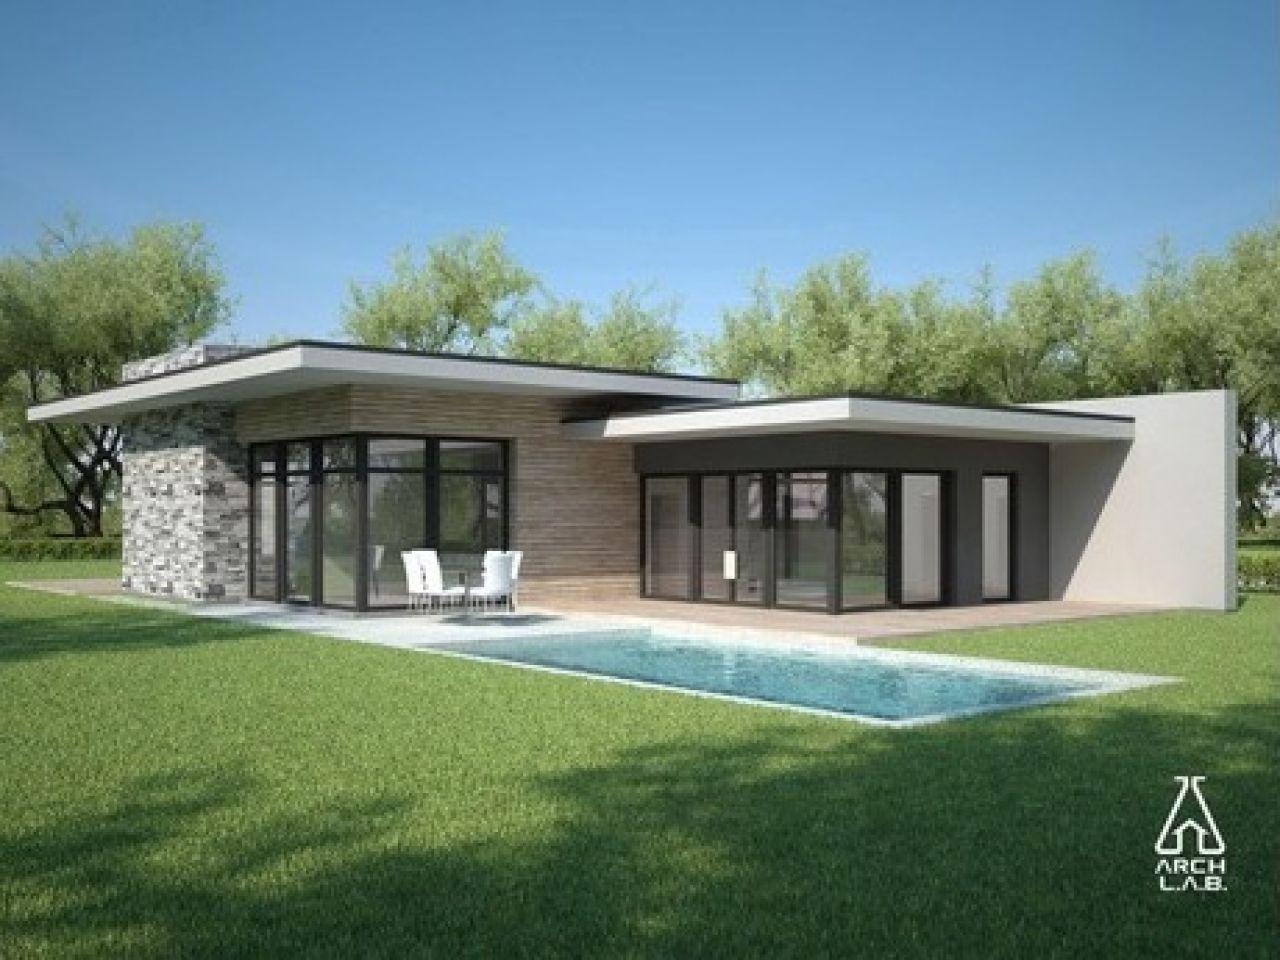 Best Kitchen Gallery: Modern Single Story House 5 Flat Roof Modern House Plans One of Modern Single Story Coastal House on rachelxblog.com